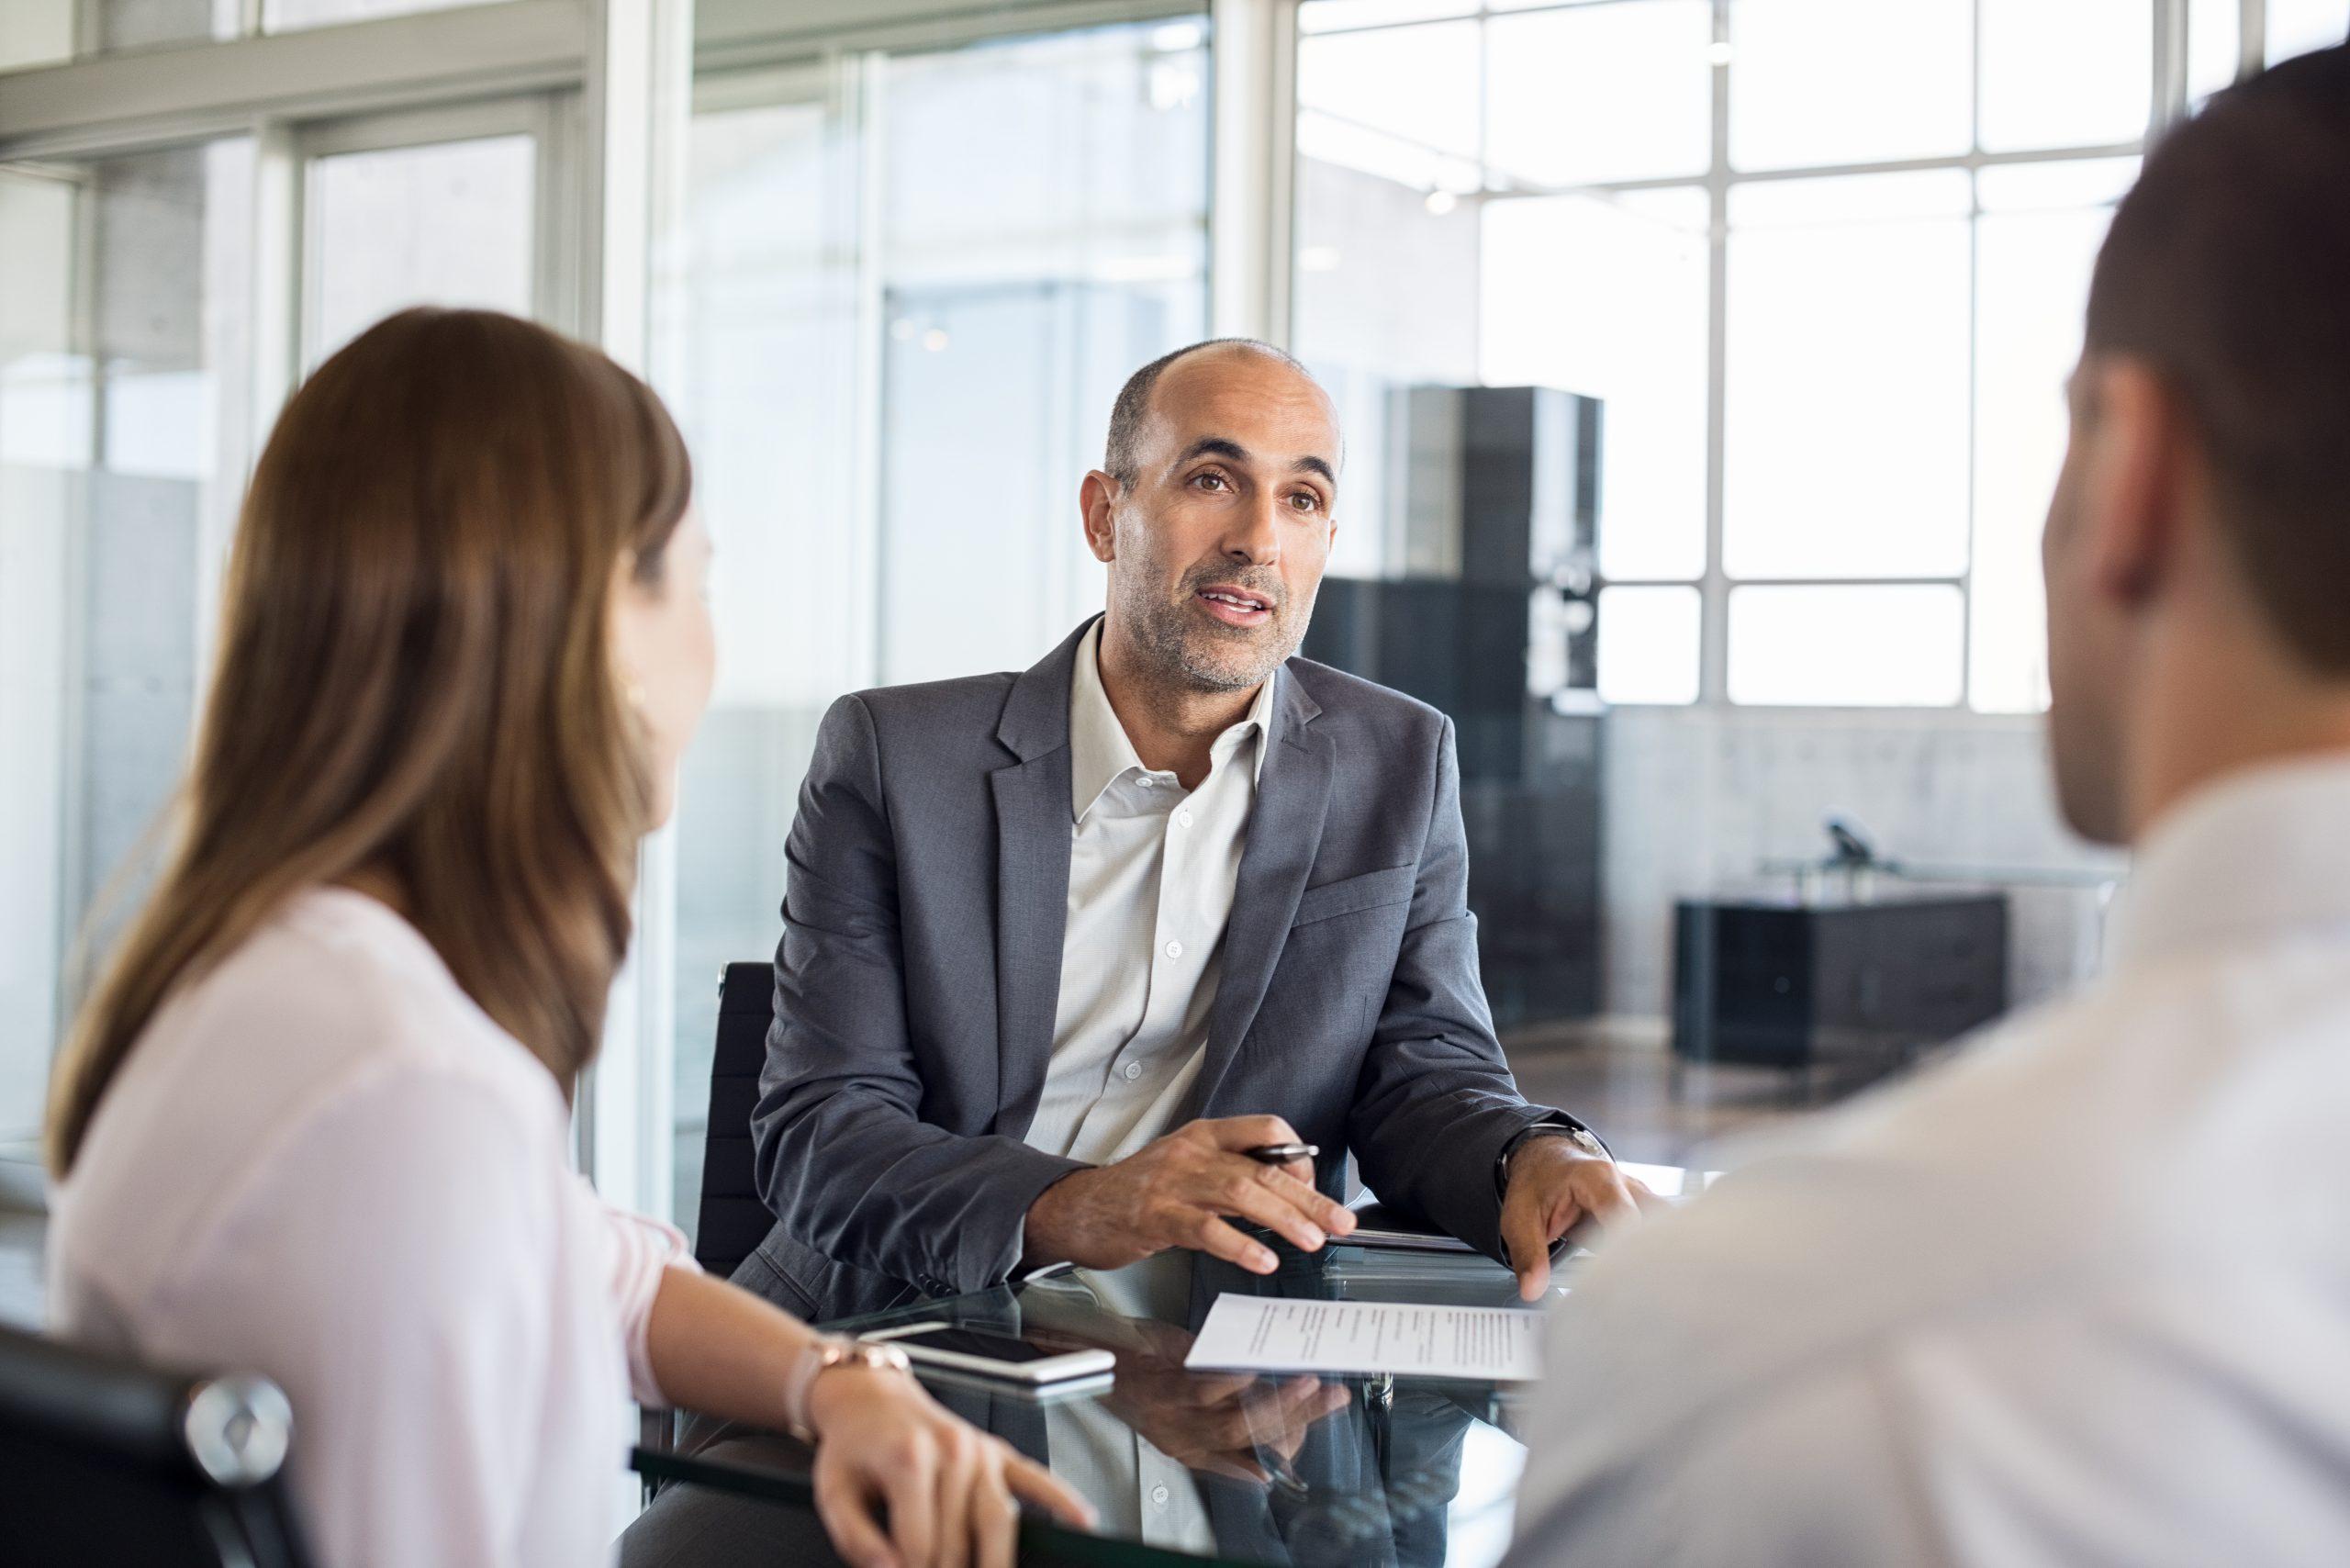 Servicios de preparación de impuestos: Eligiendo la empresa de preparación de impuestos correcta